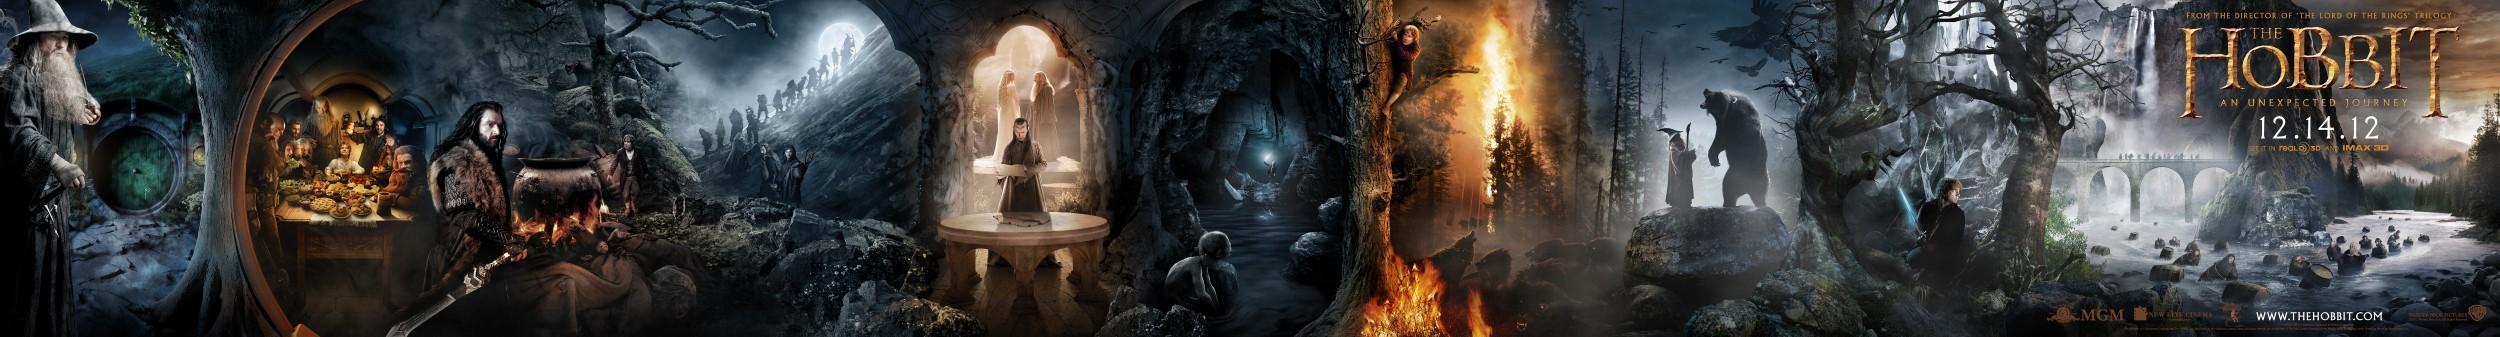 Foto de 'El hobbit: Un viaje inesperado', carteles (4/28)